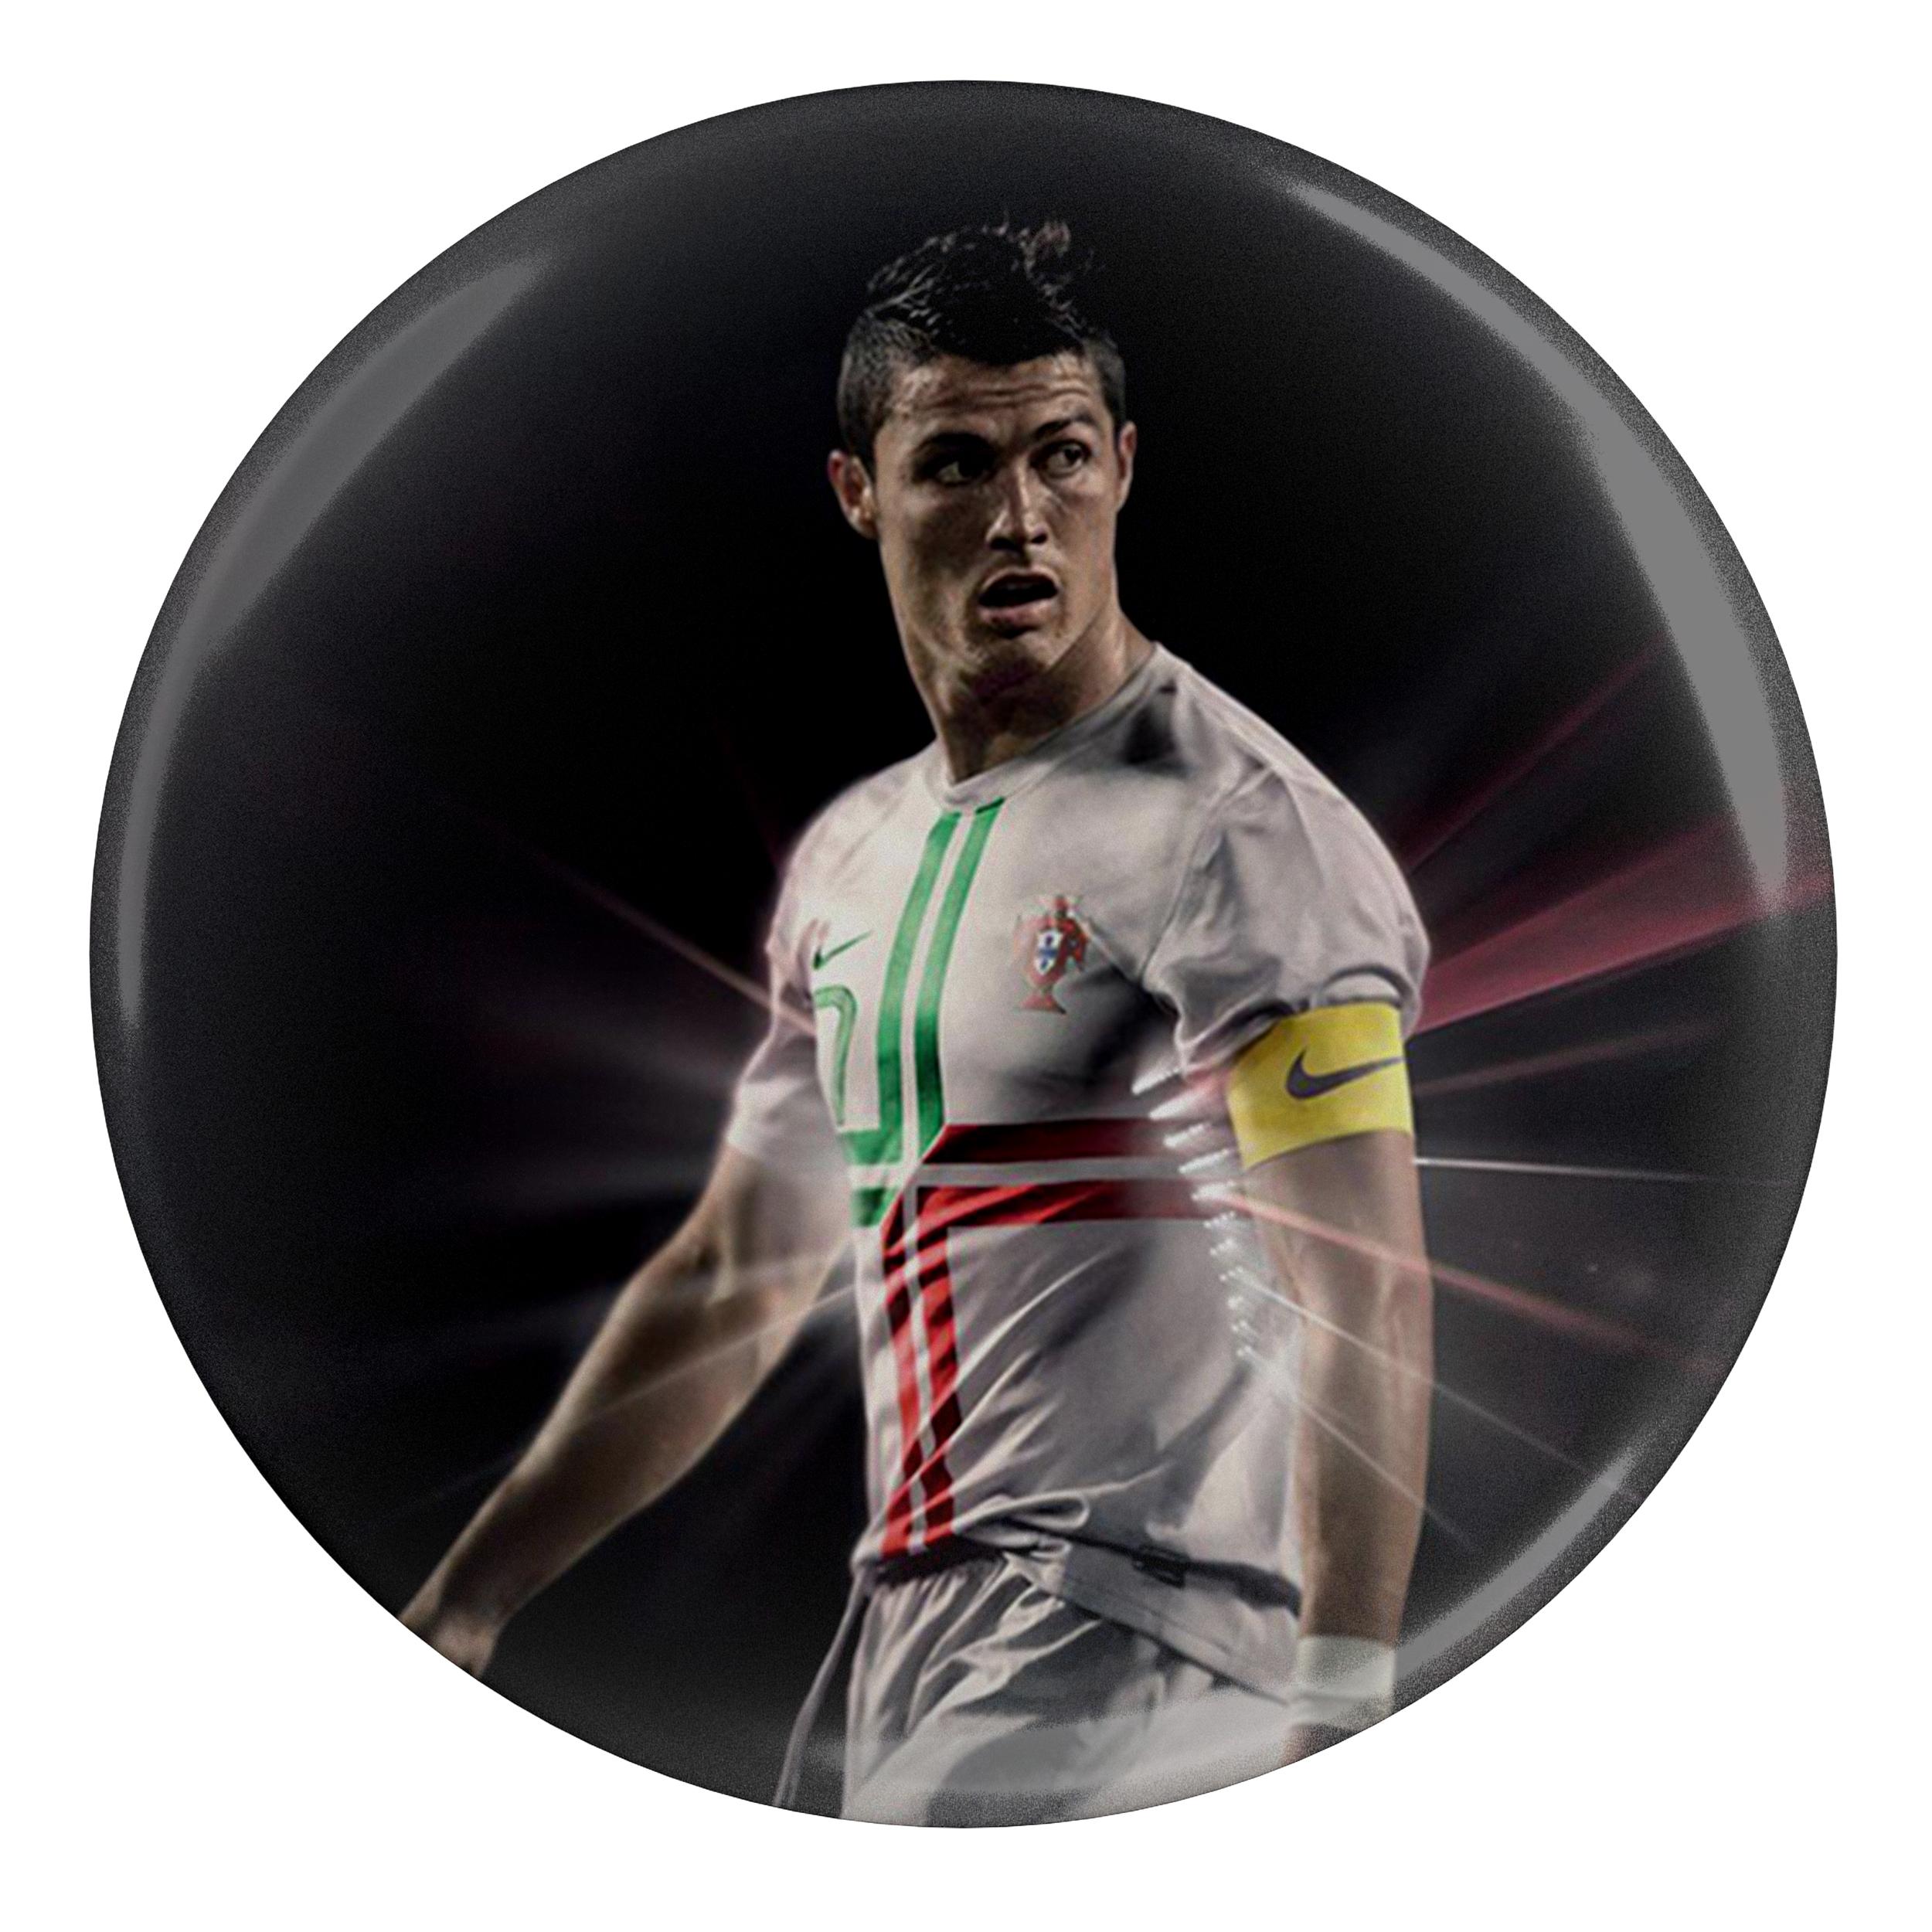 پیکسل طرح بازیکن فوتبال کریستیانو رونالدو پرتغال مدل S5285